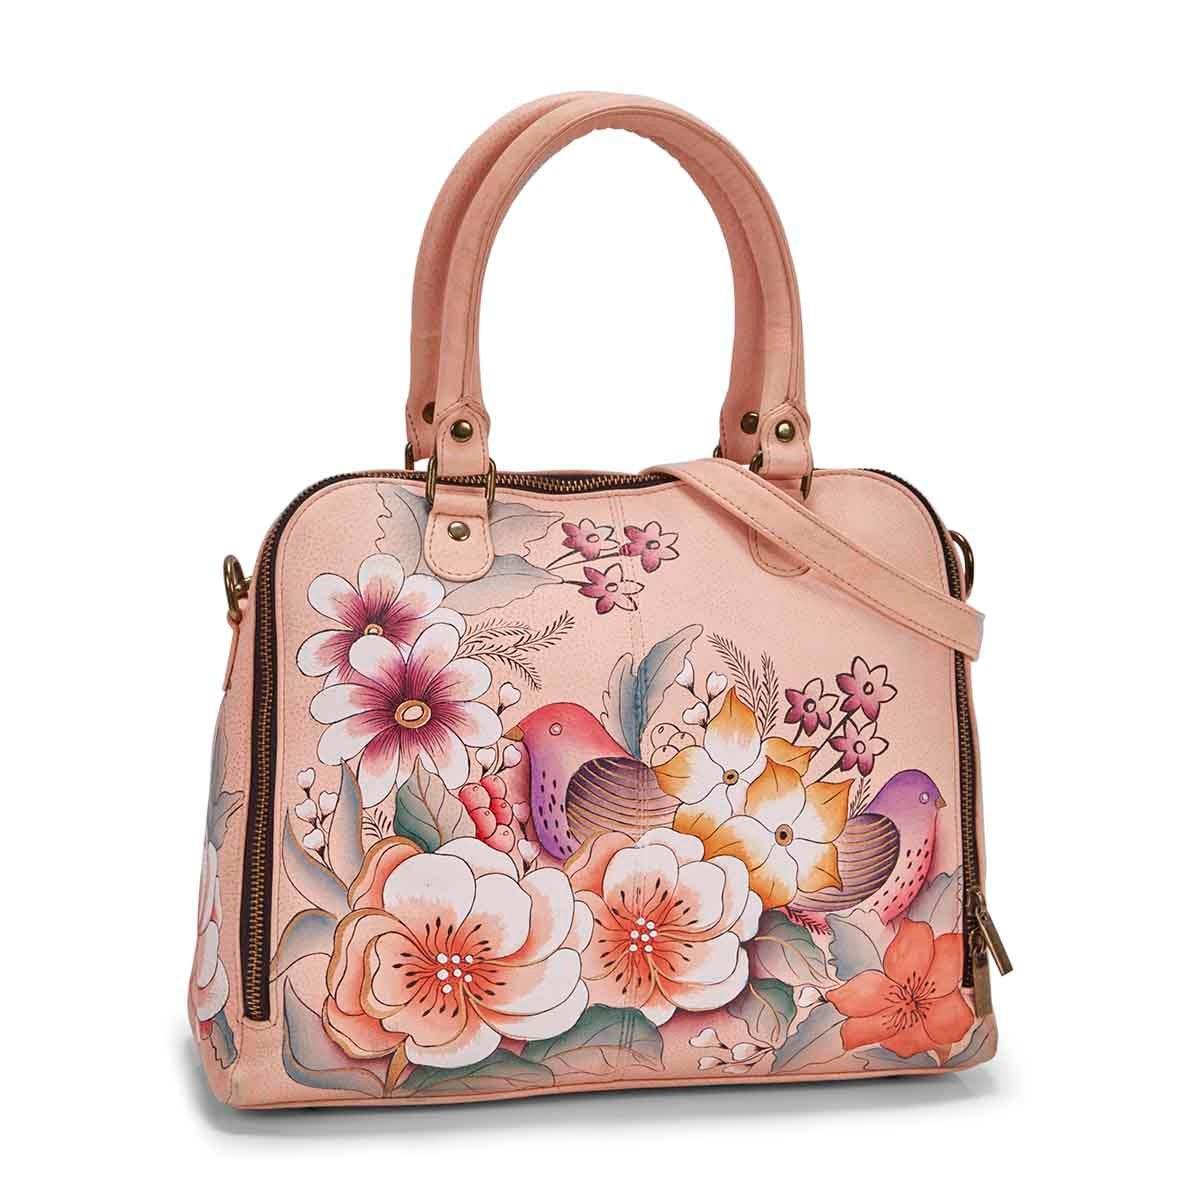 Women's VINTAGE GARDEN satchel